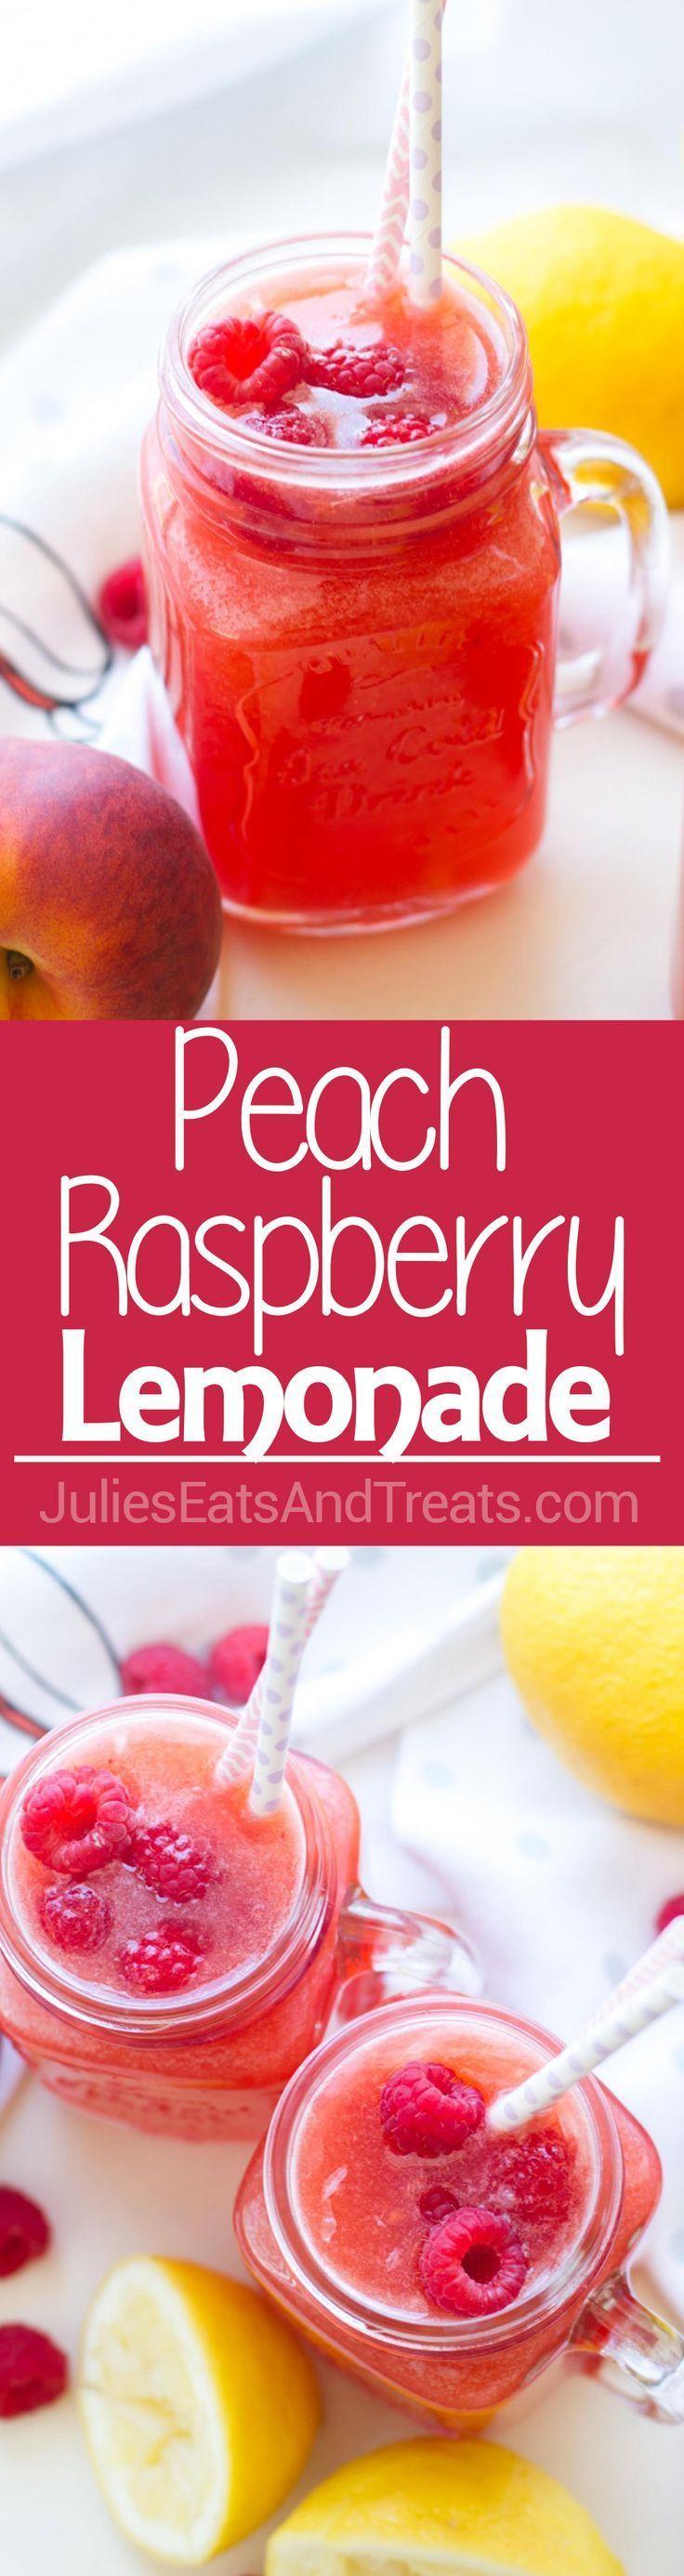 25 best ideas about homemade lemonade on pinterest strawberry lemonade refreshing summer - Lemonade recipes popular less known ...